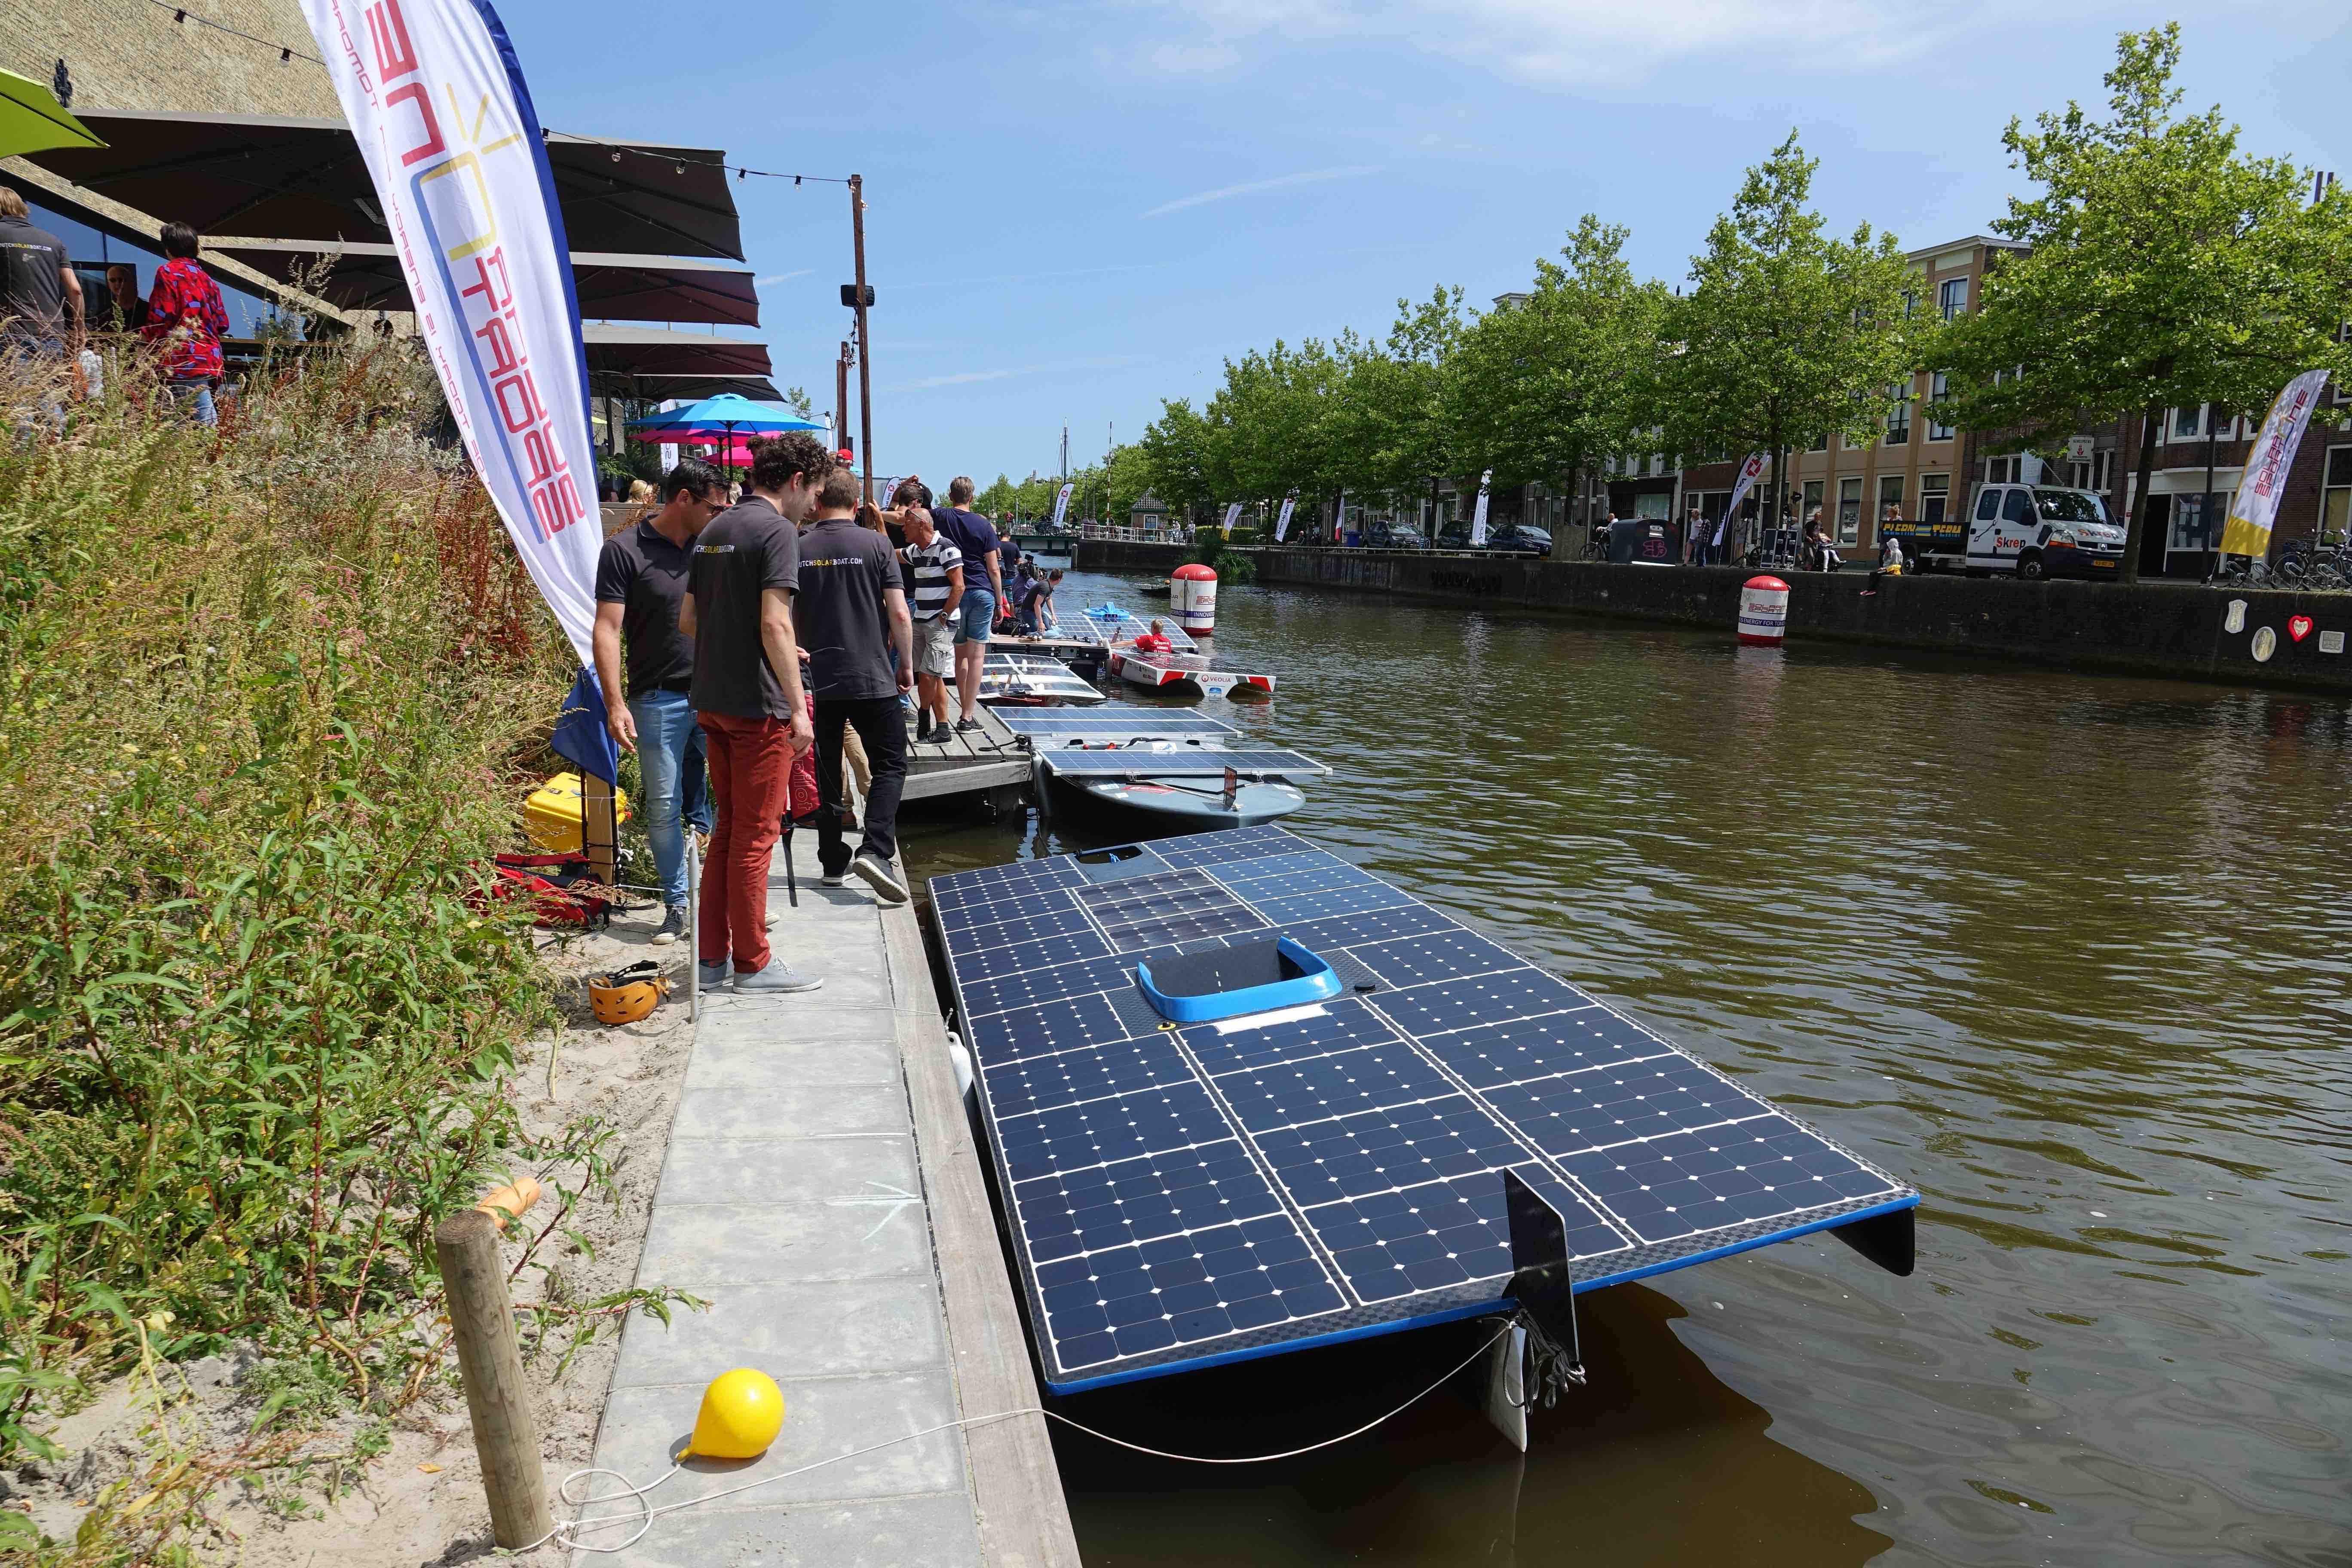 NaGa Solar - Dutch Solar Boat 06072018#DSC05522